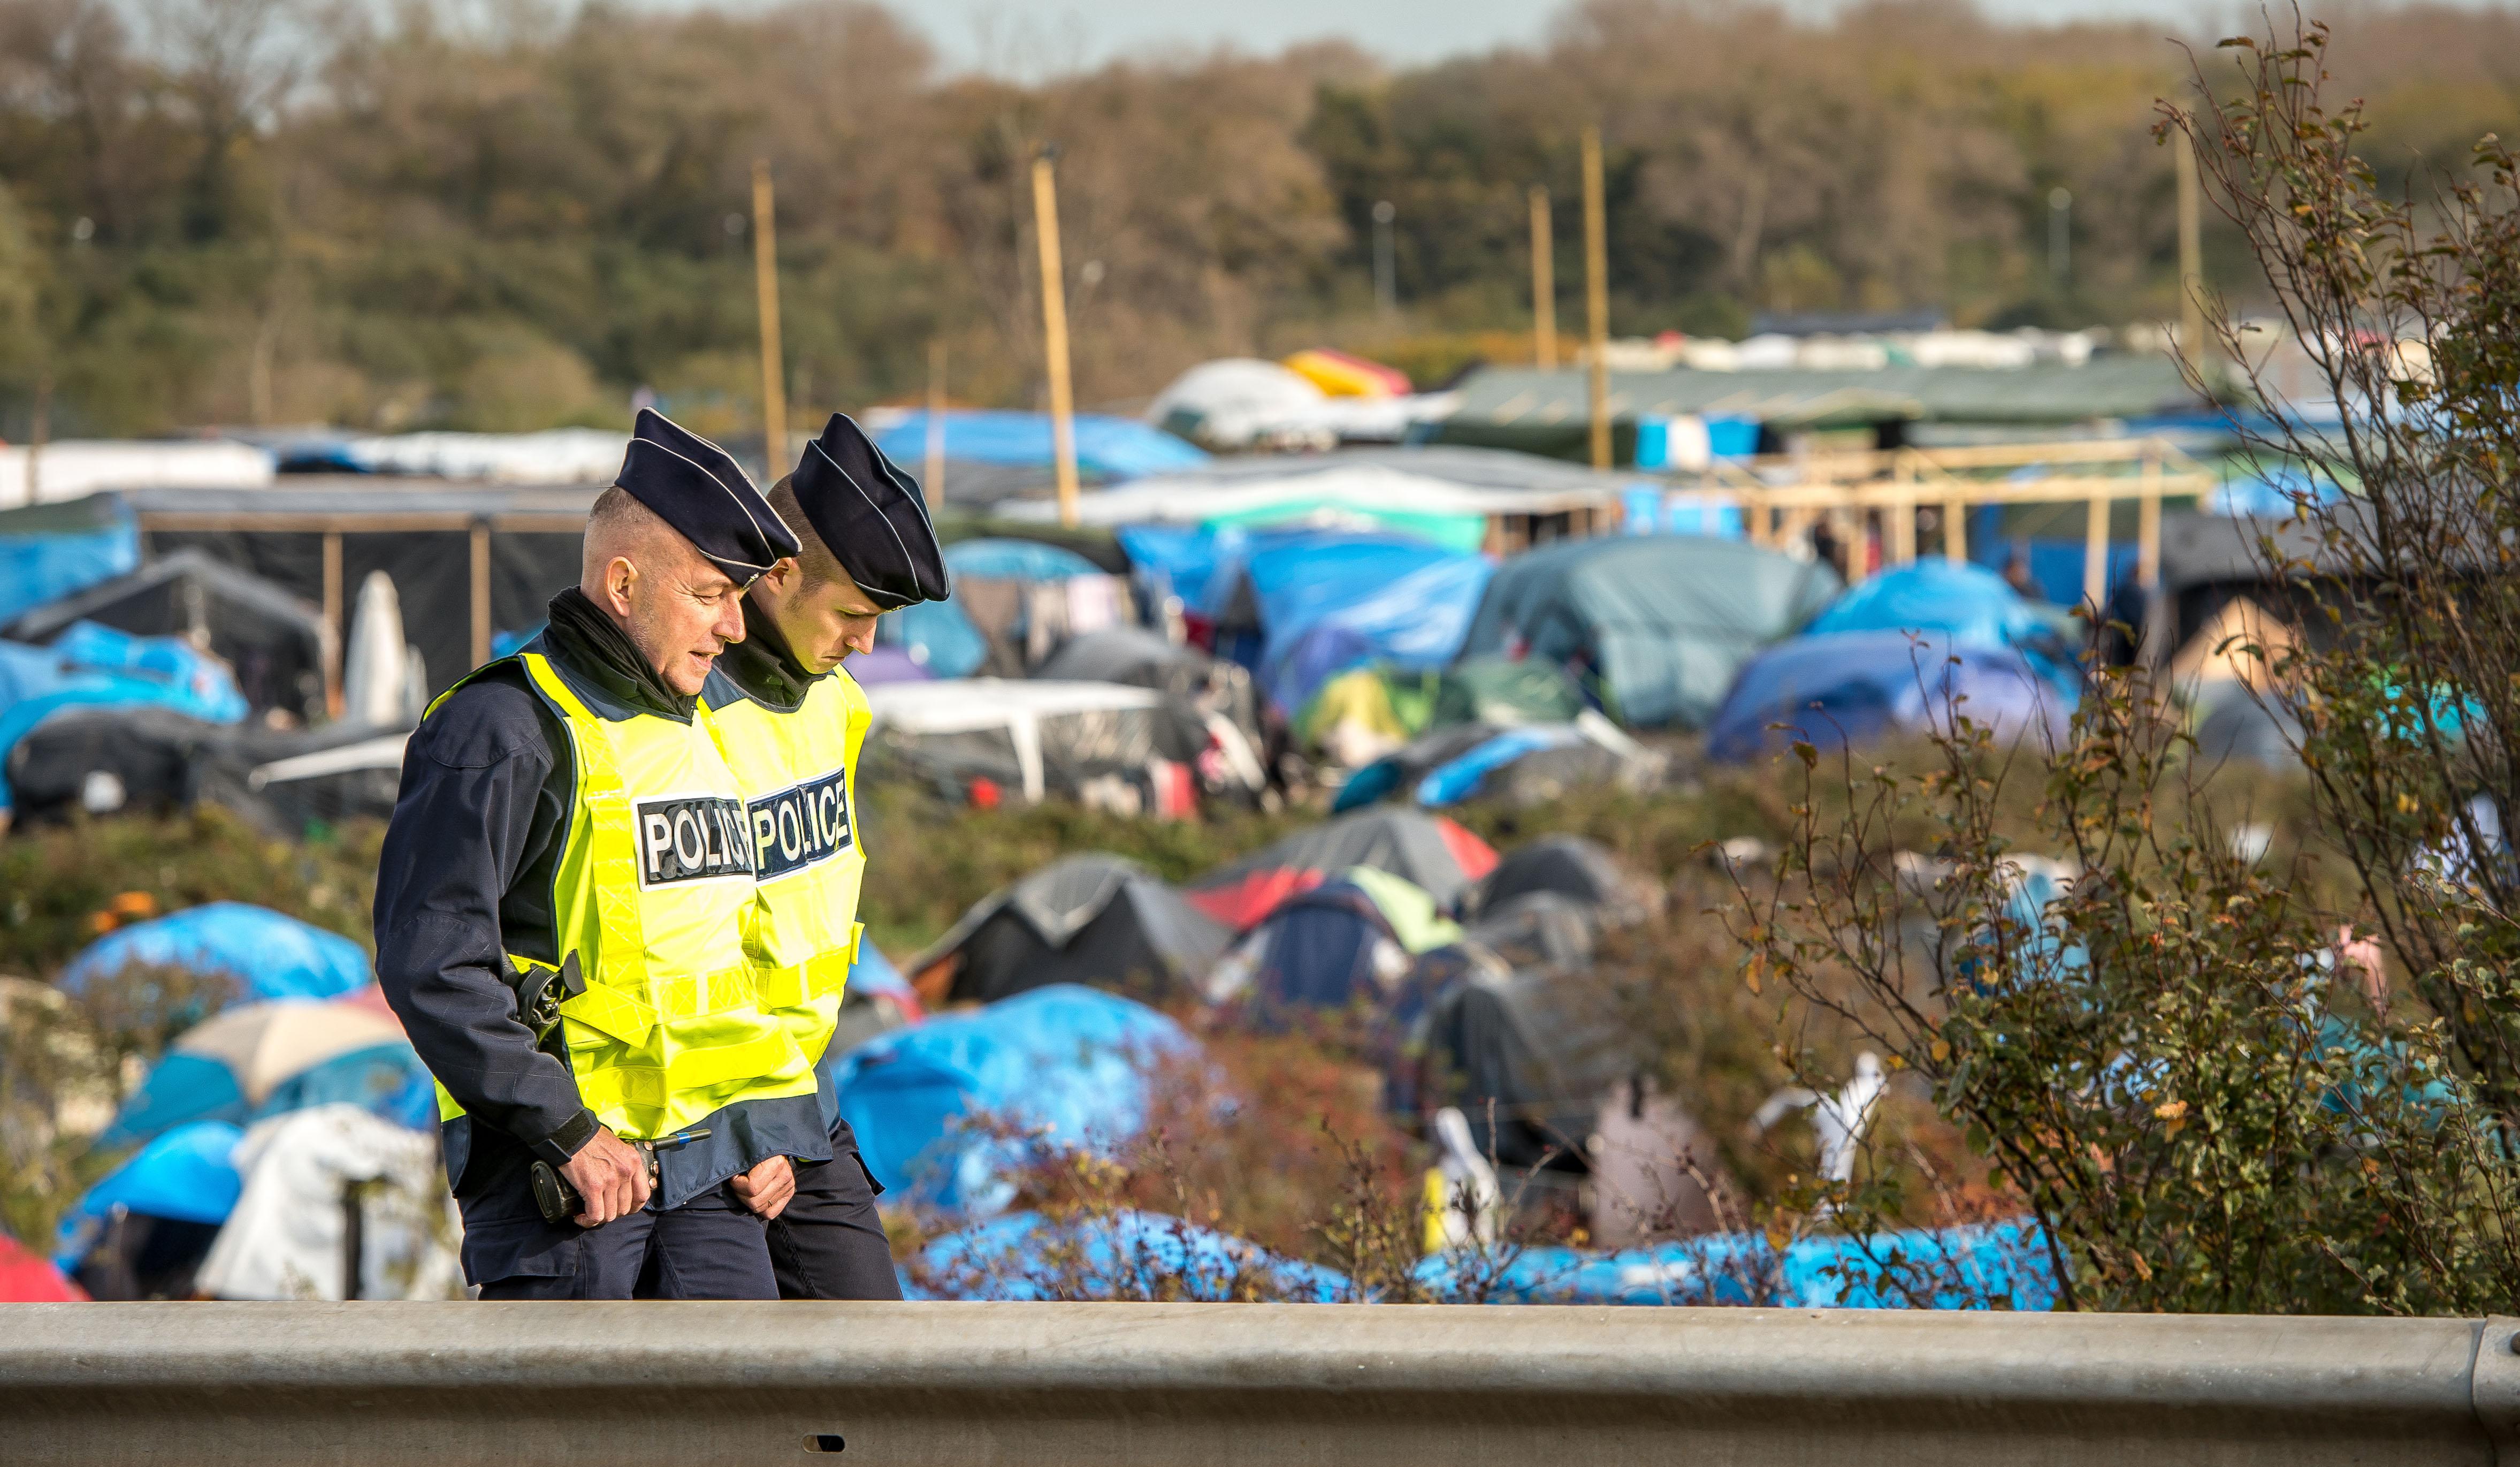 Patrouille de police dans le camp de migrants de Calais